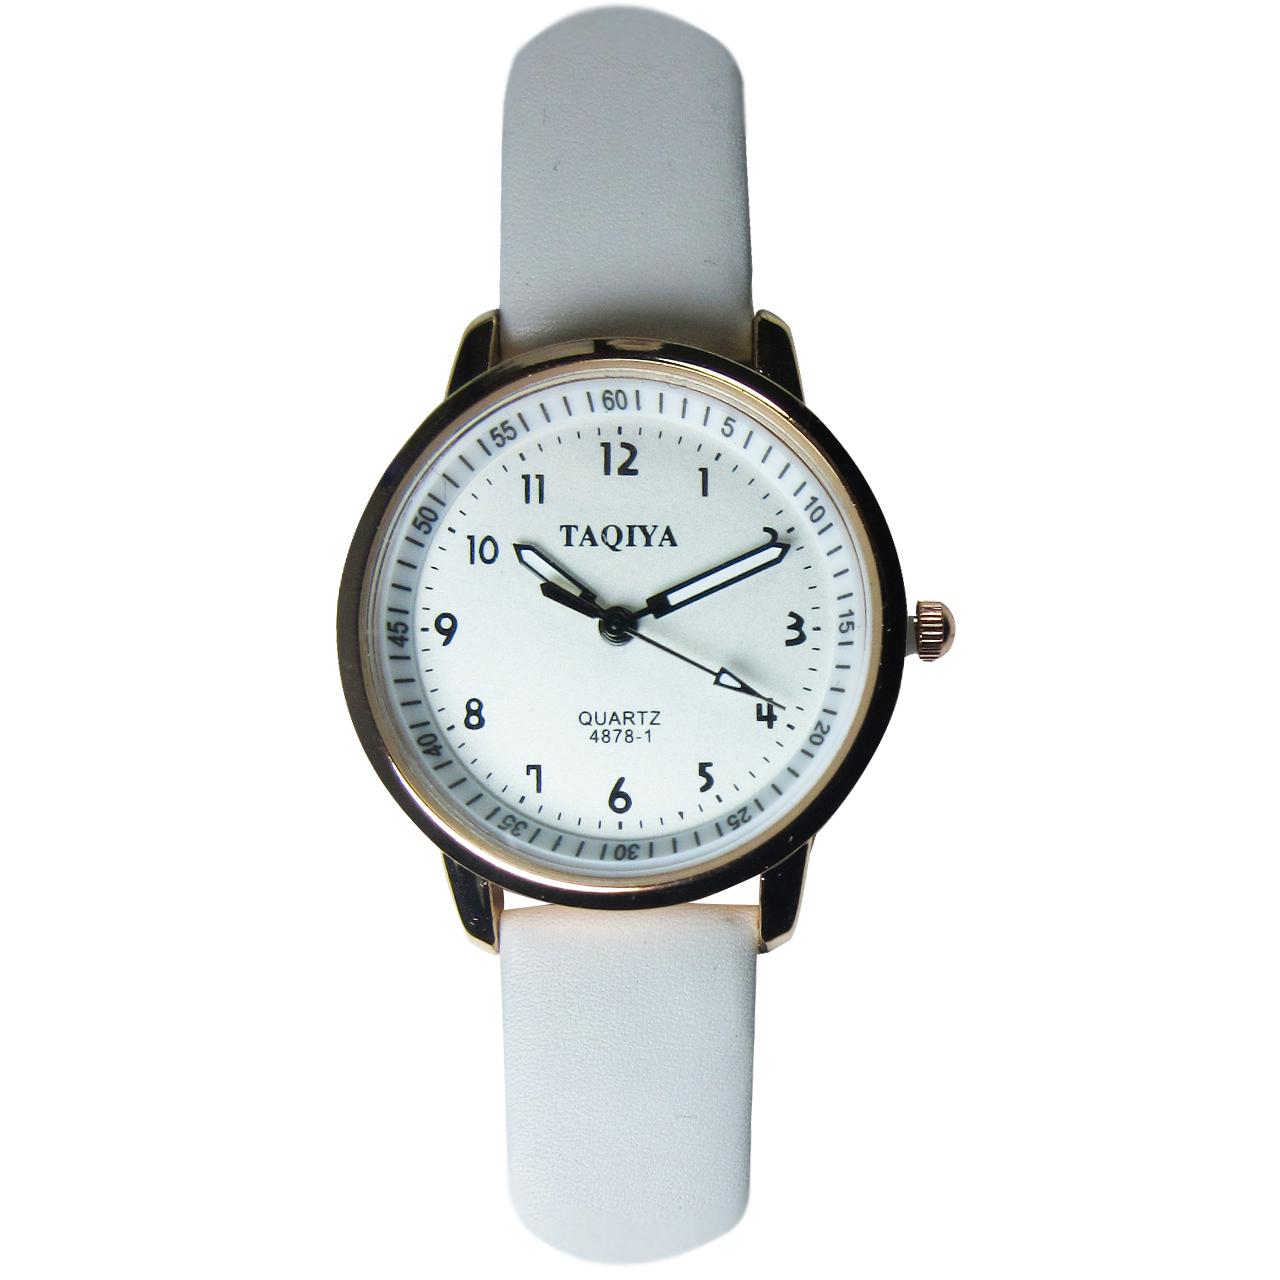 ساعت مچی عقربهای تاکیا مدل 4878-1 رنگ سفید